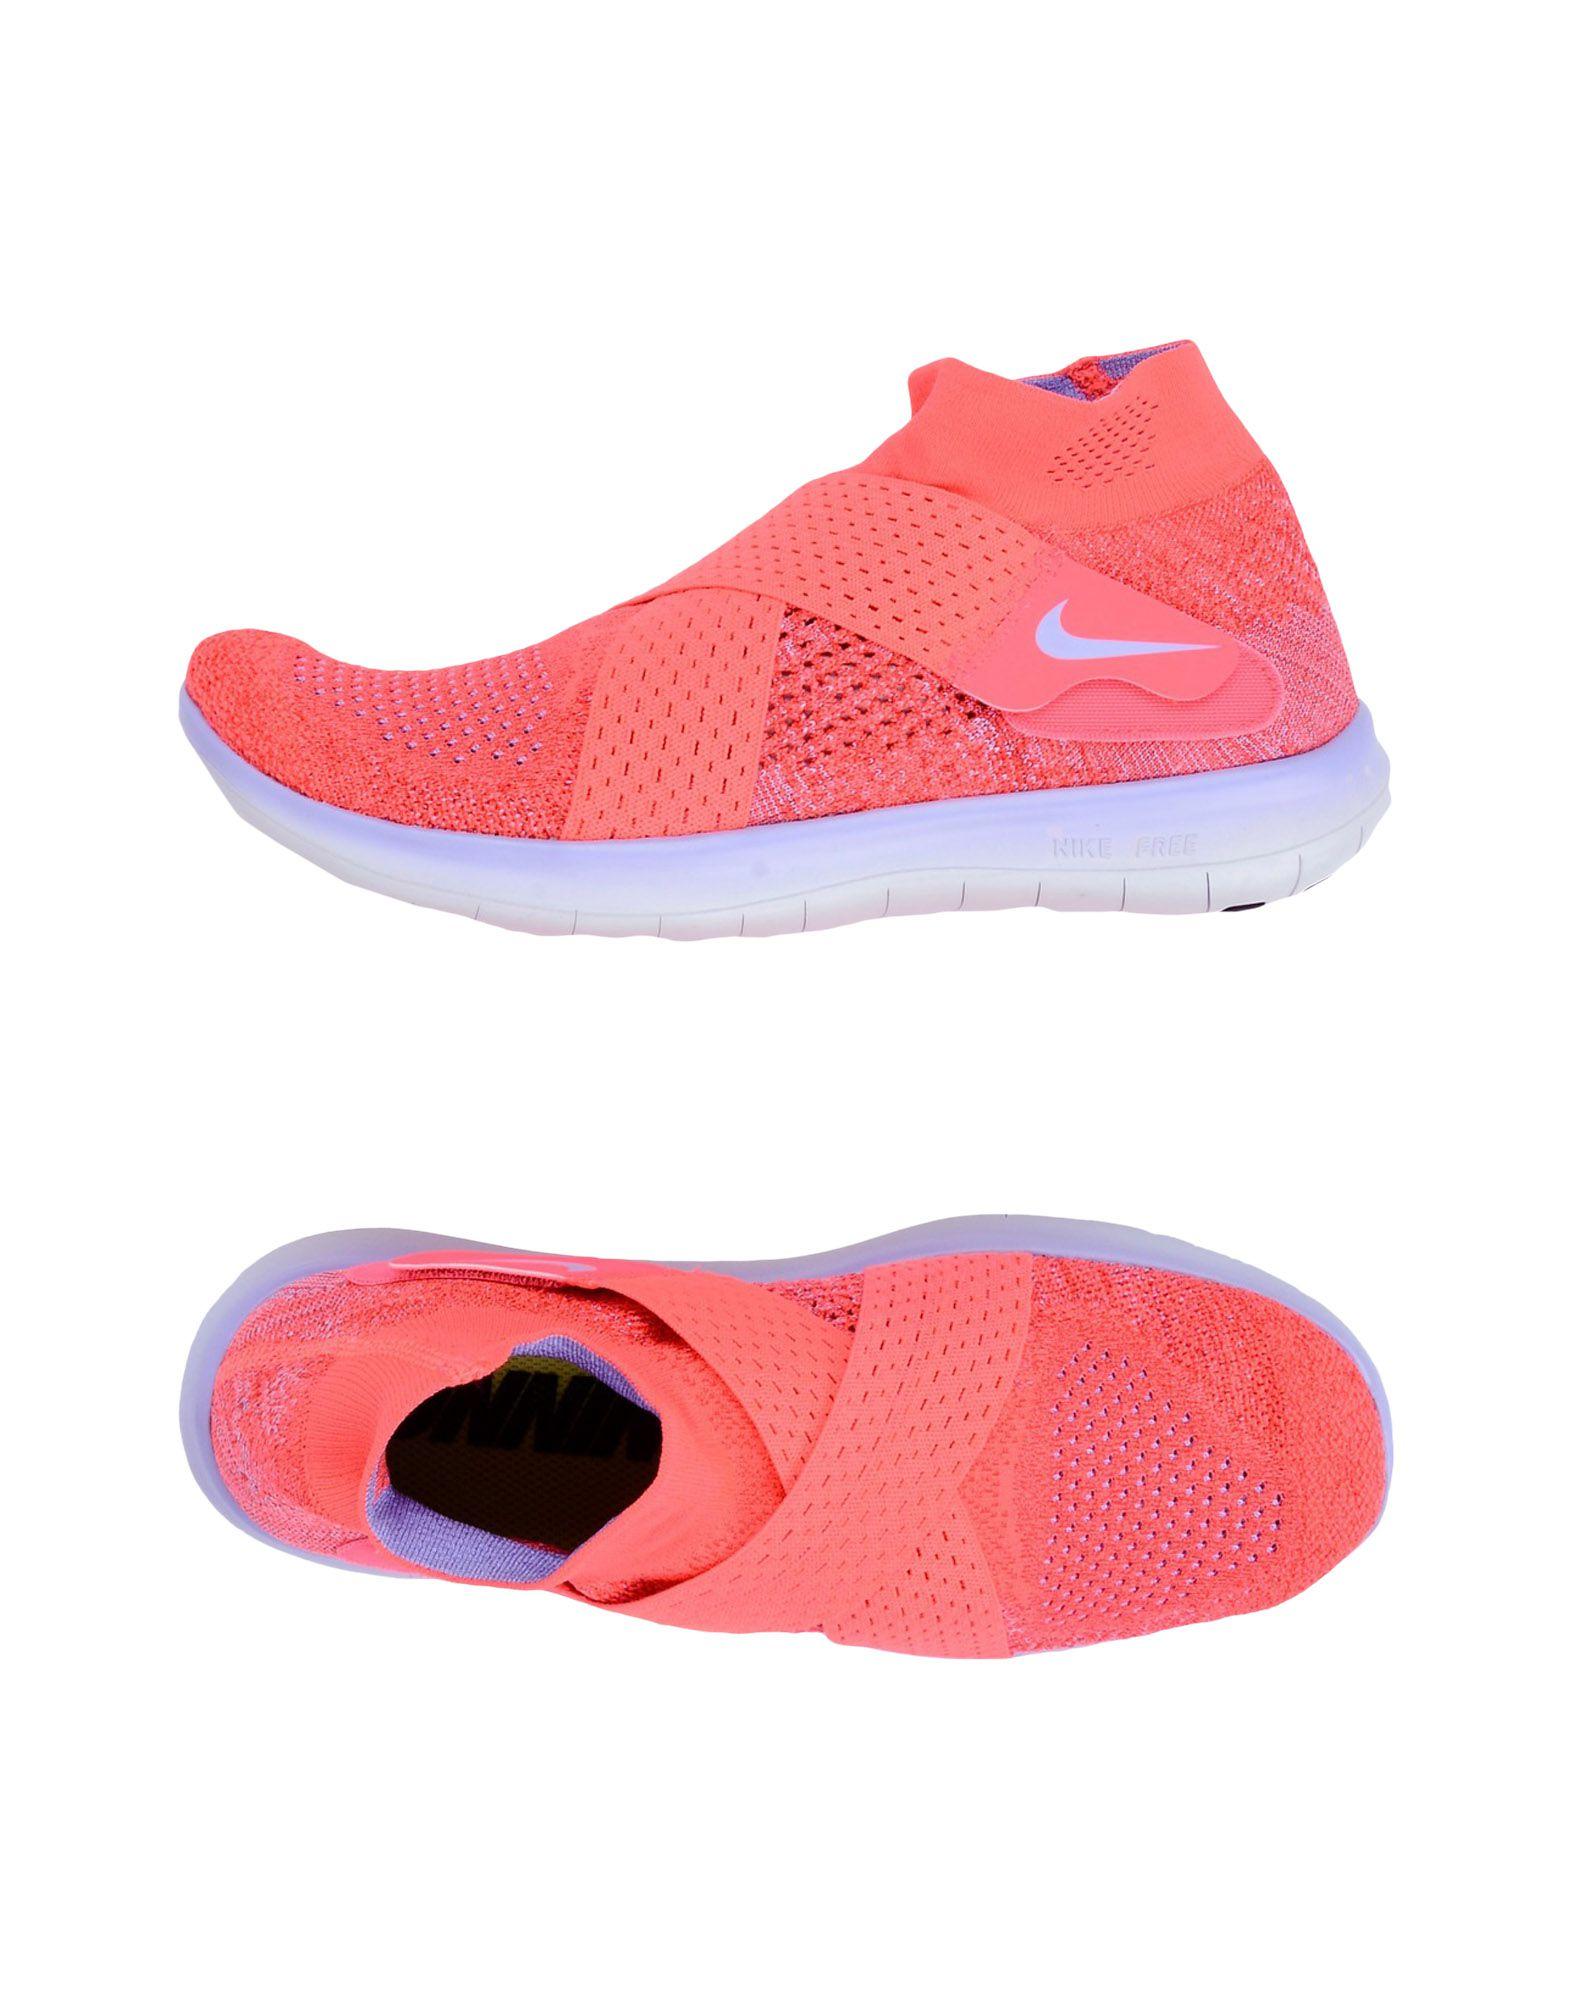 Sneakers Nike  Free Run Motion Flyknit 2017 - Femme - Sneakers Nike sur